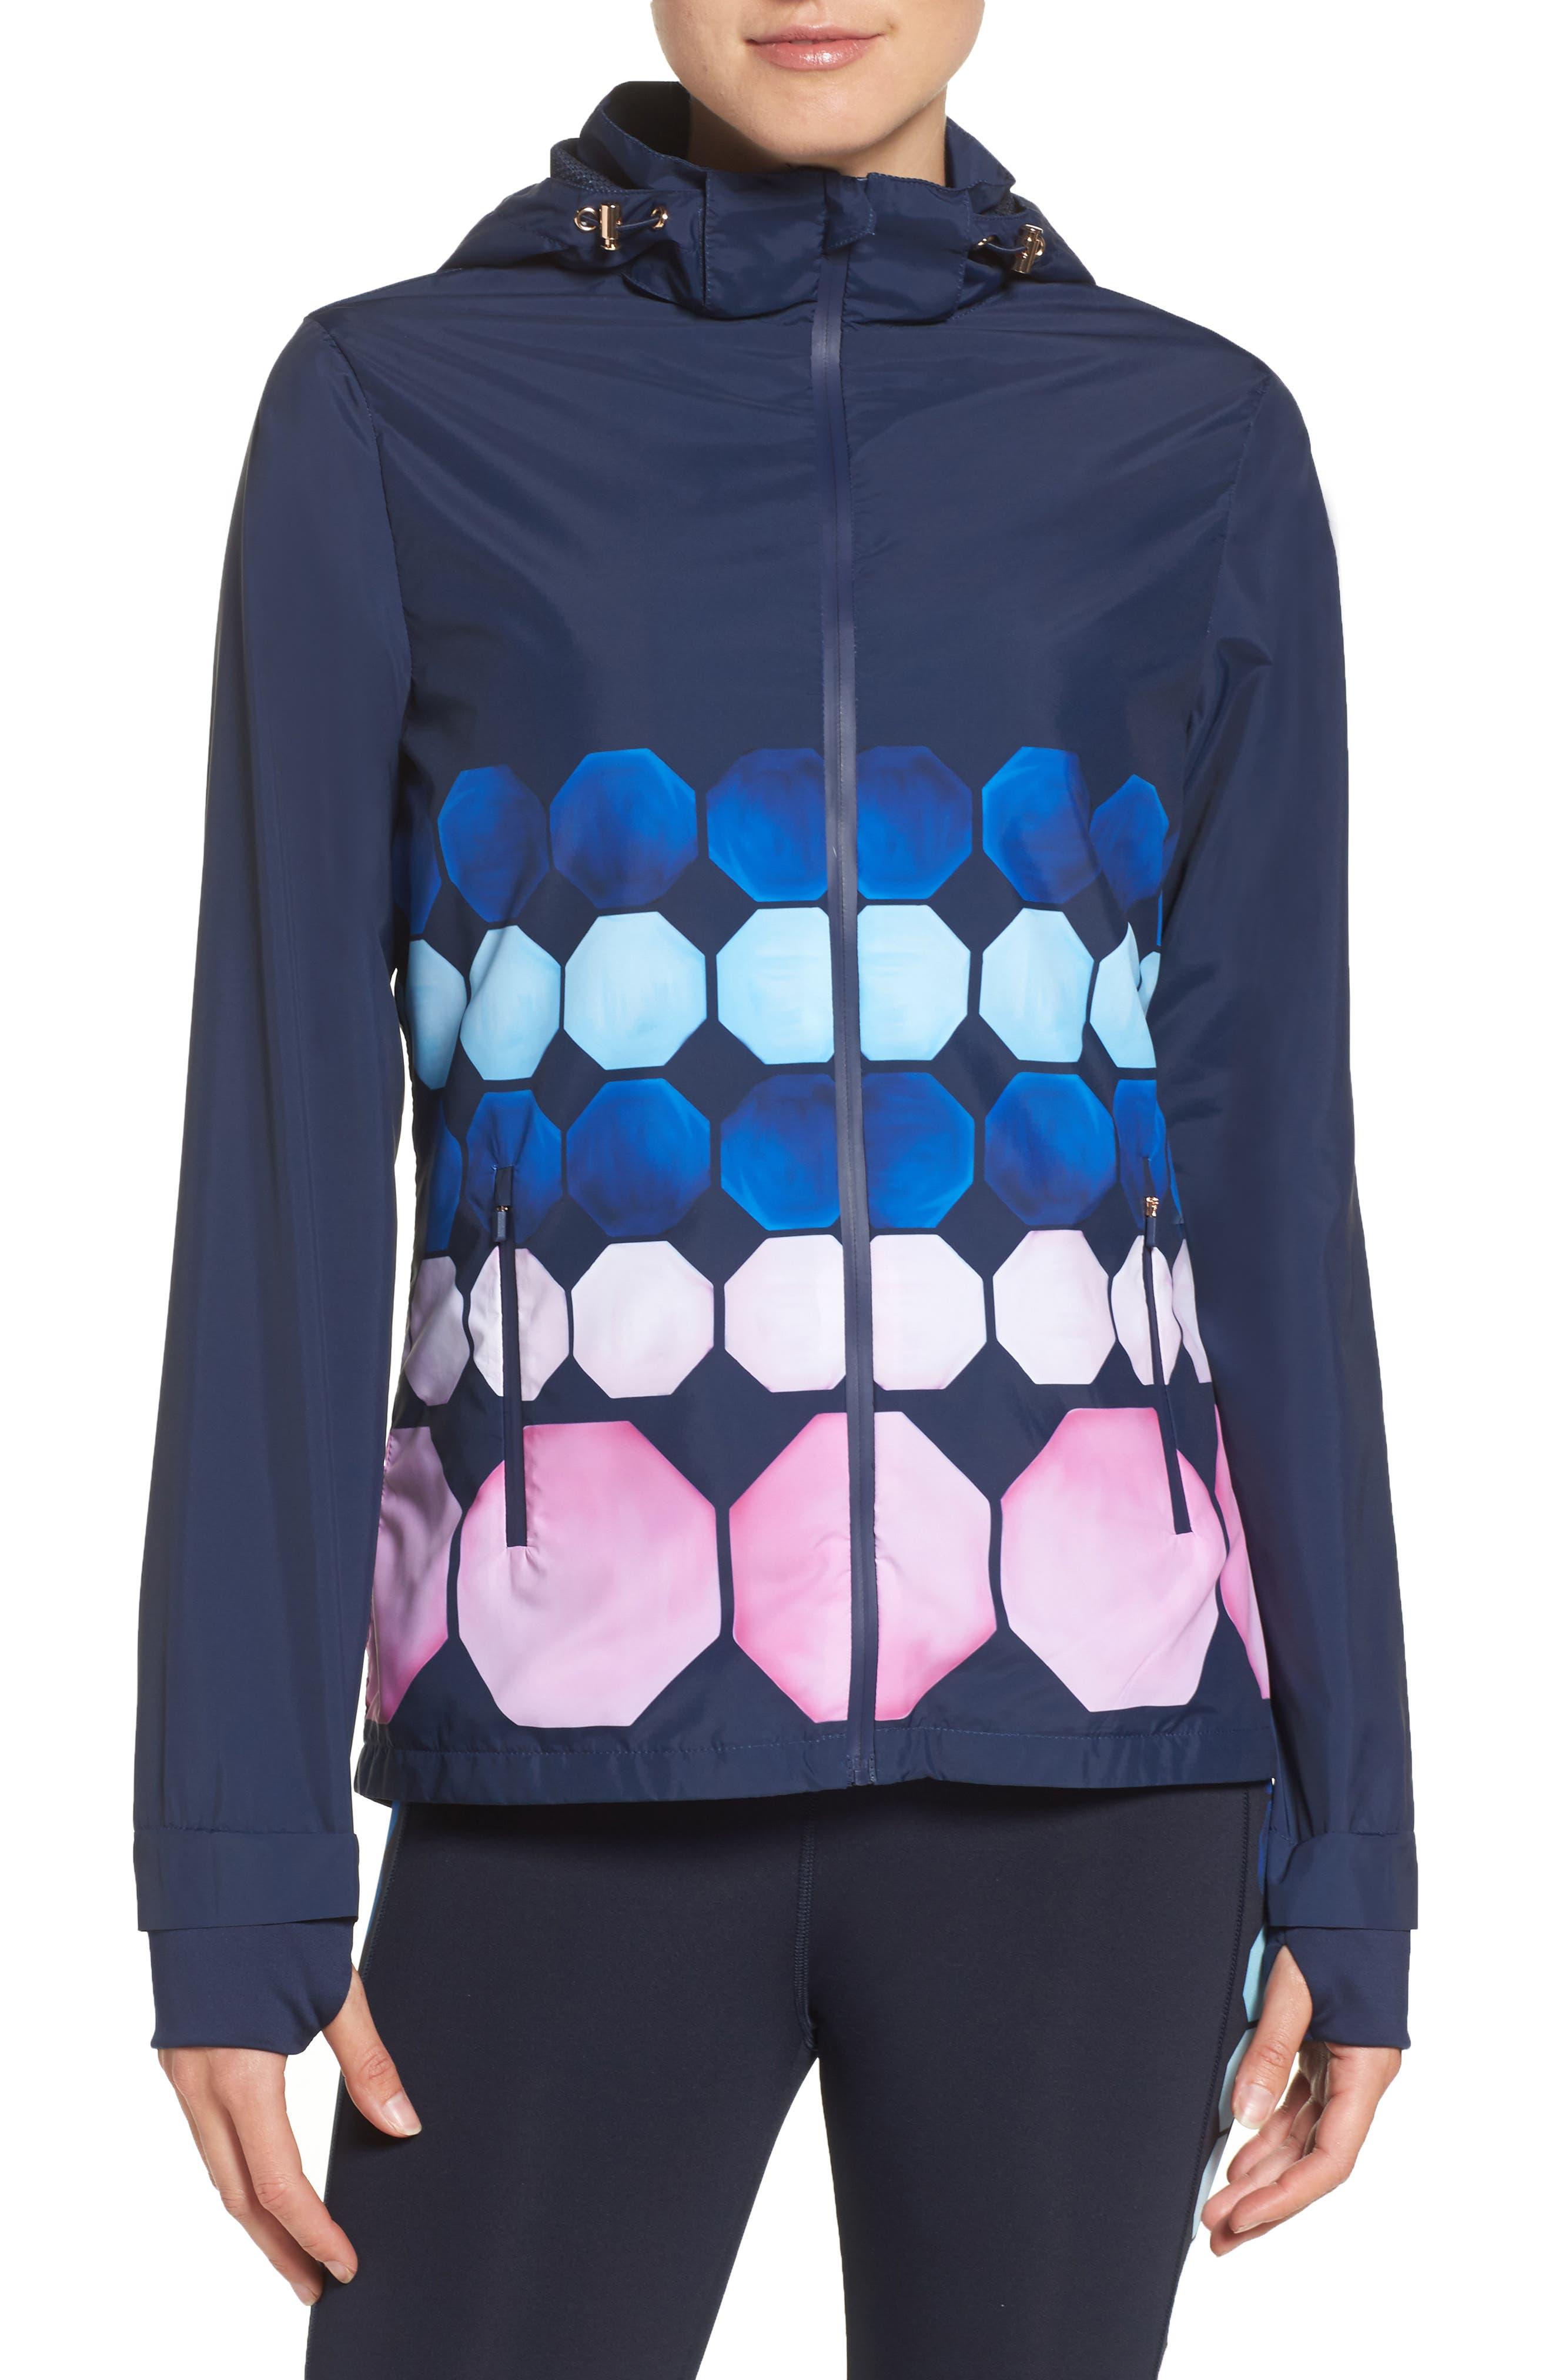 Marina Mosaic Hooded Jacket,                             Main thumbnail 1, color,                             410